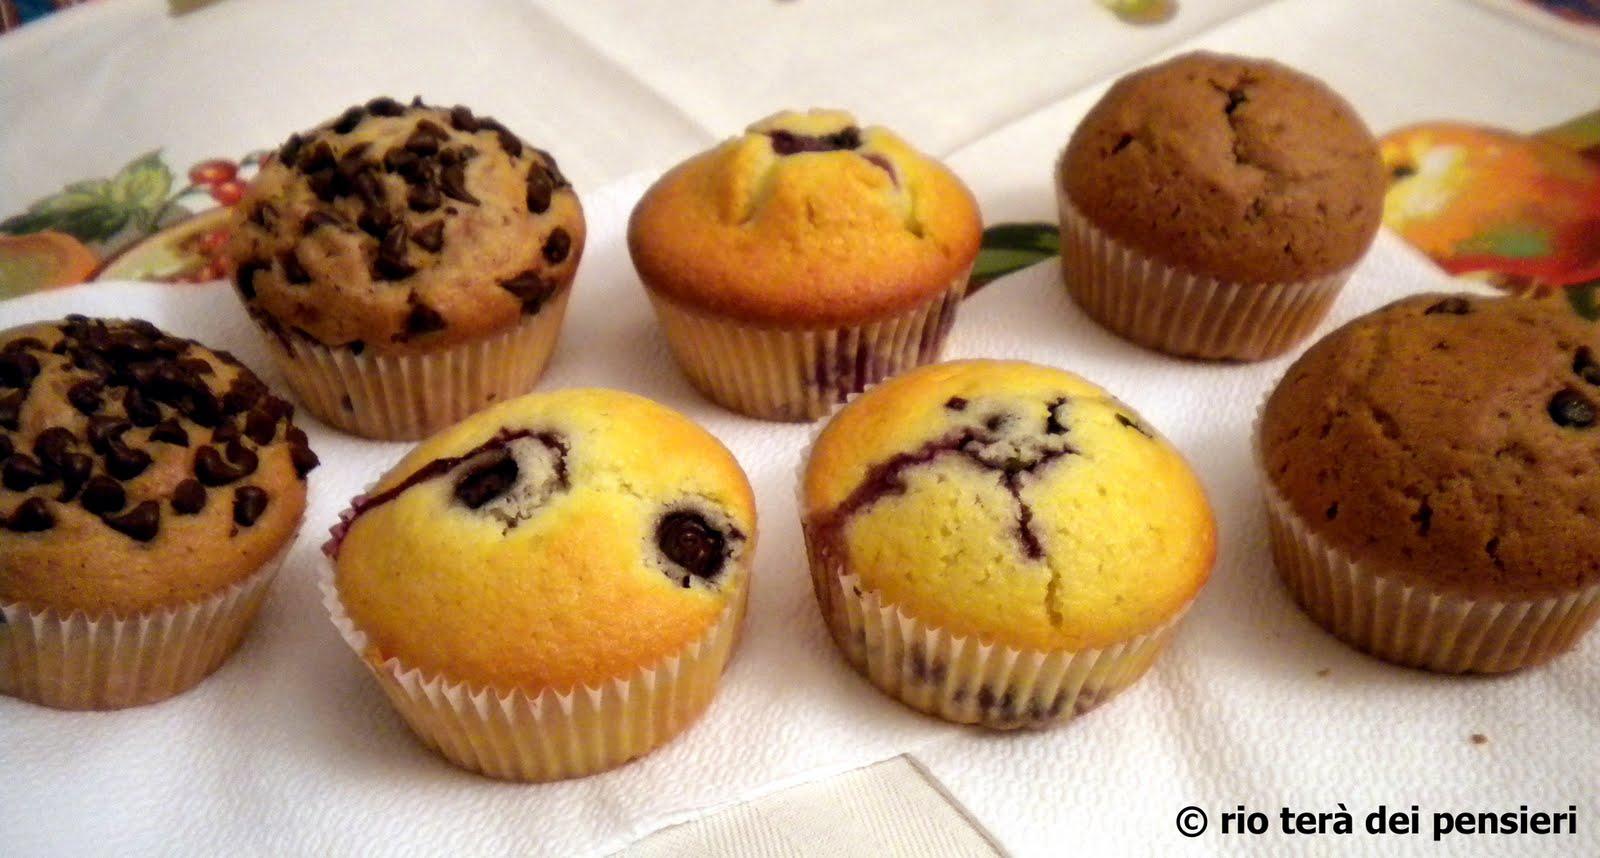 muffin-2Bai-2Btre-2Bsapori-2Bcioccolato-2Bmarmorizzato-2Bmirtilli